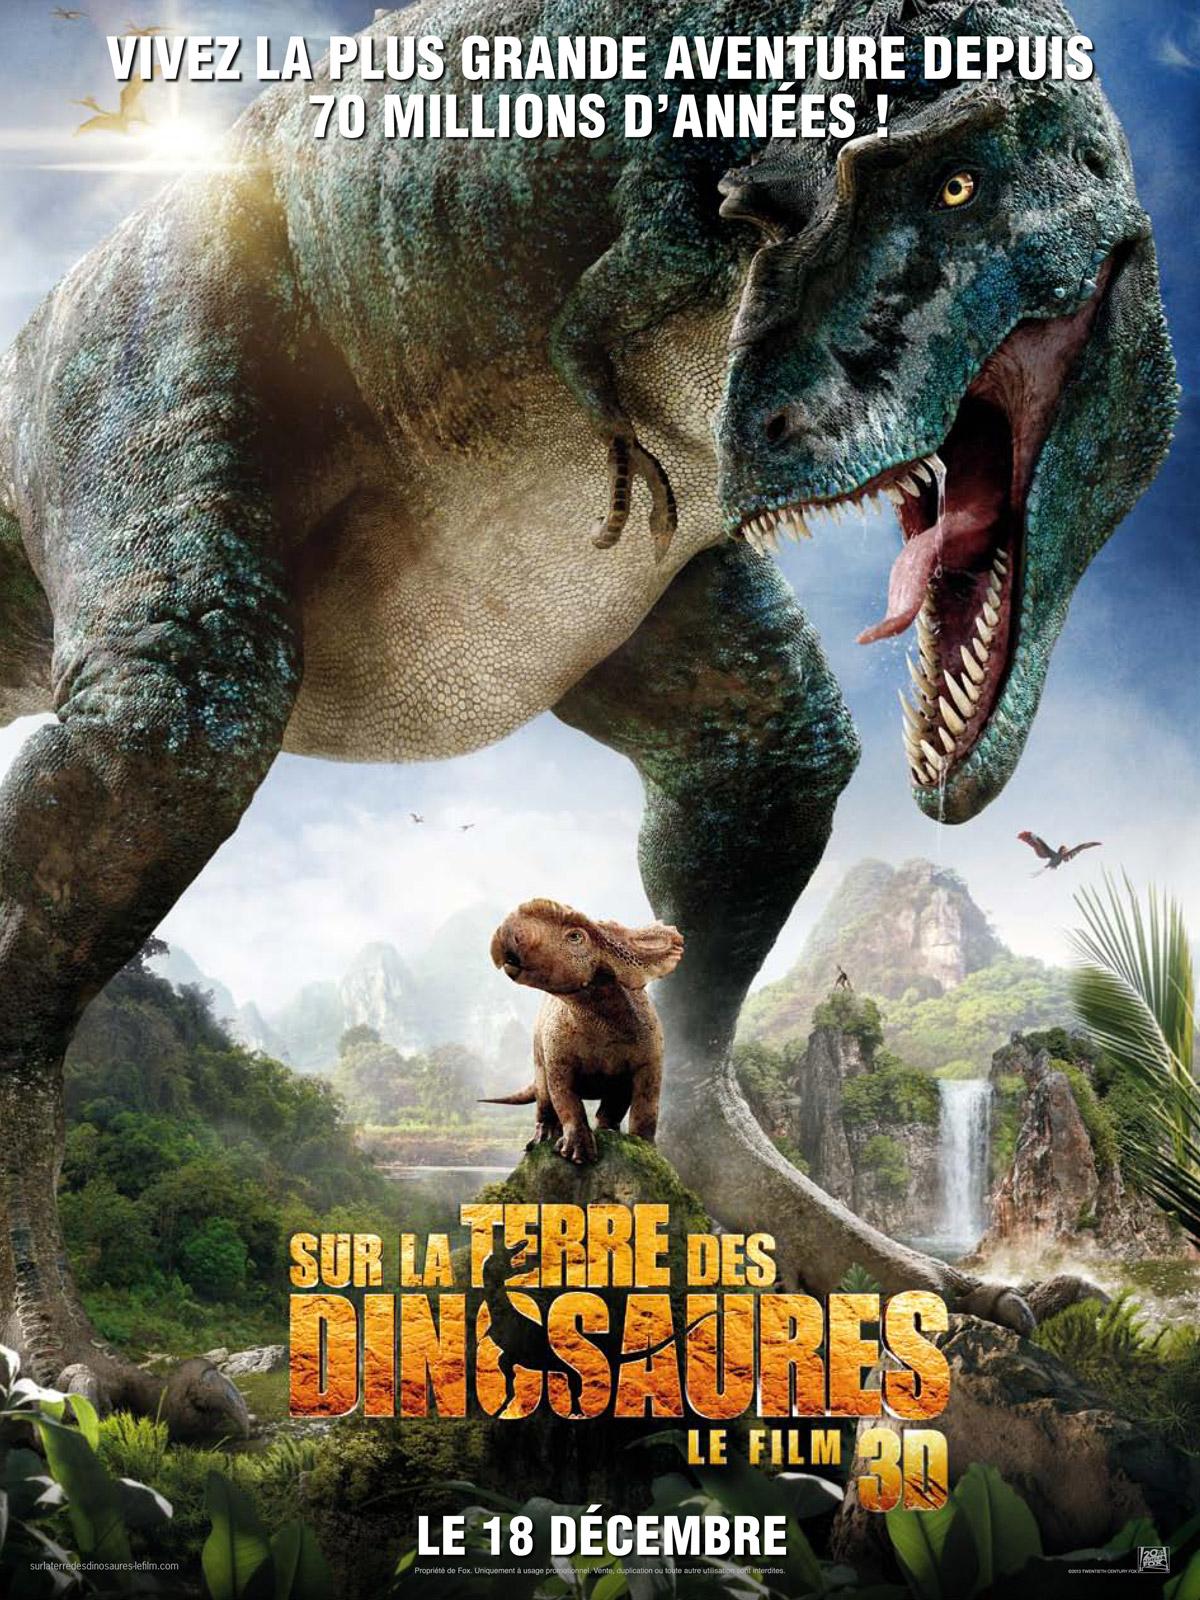 Sur la terre des dinosaures, le film 3D - Affiche